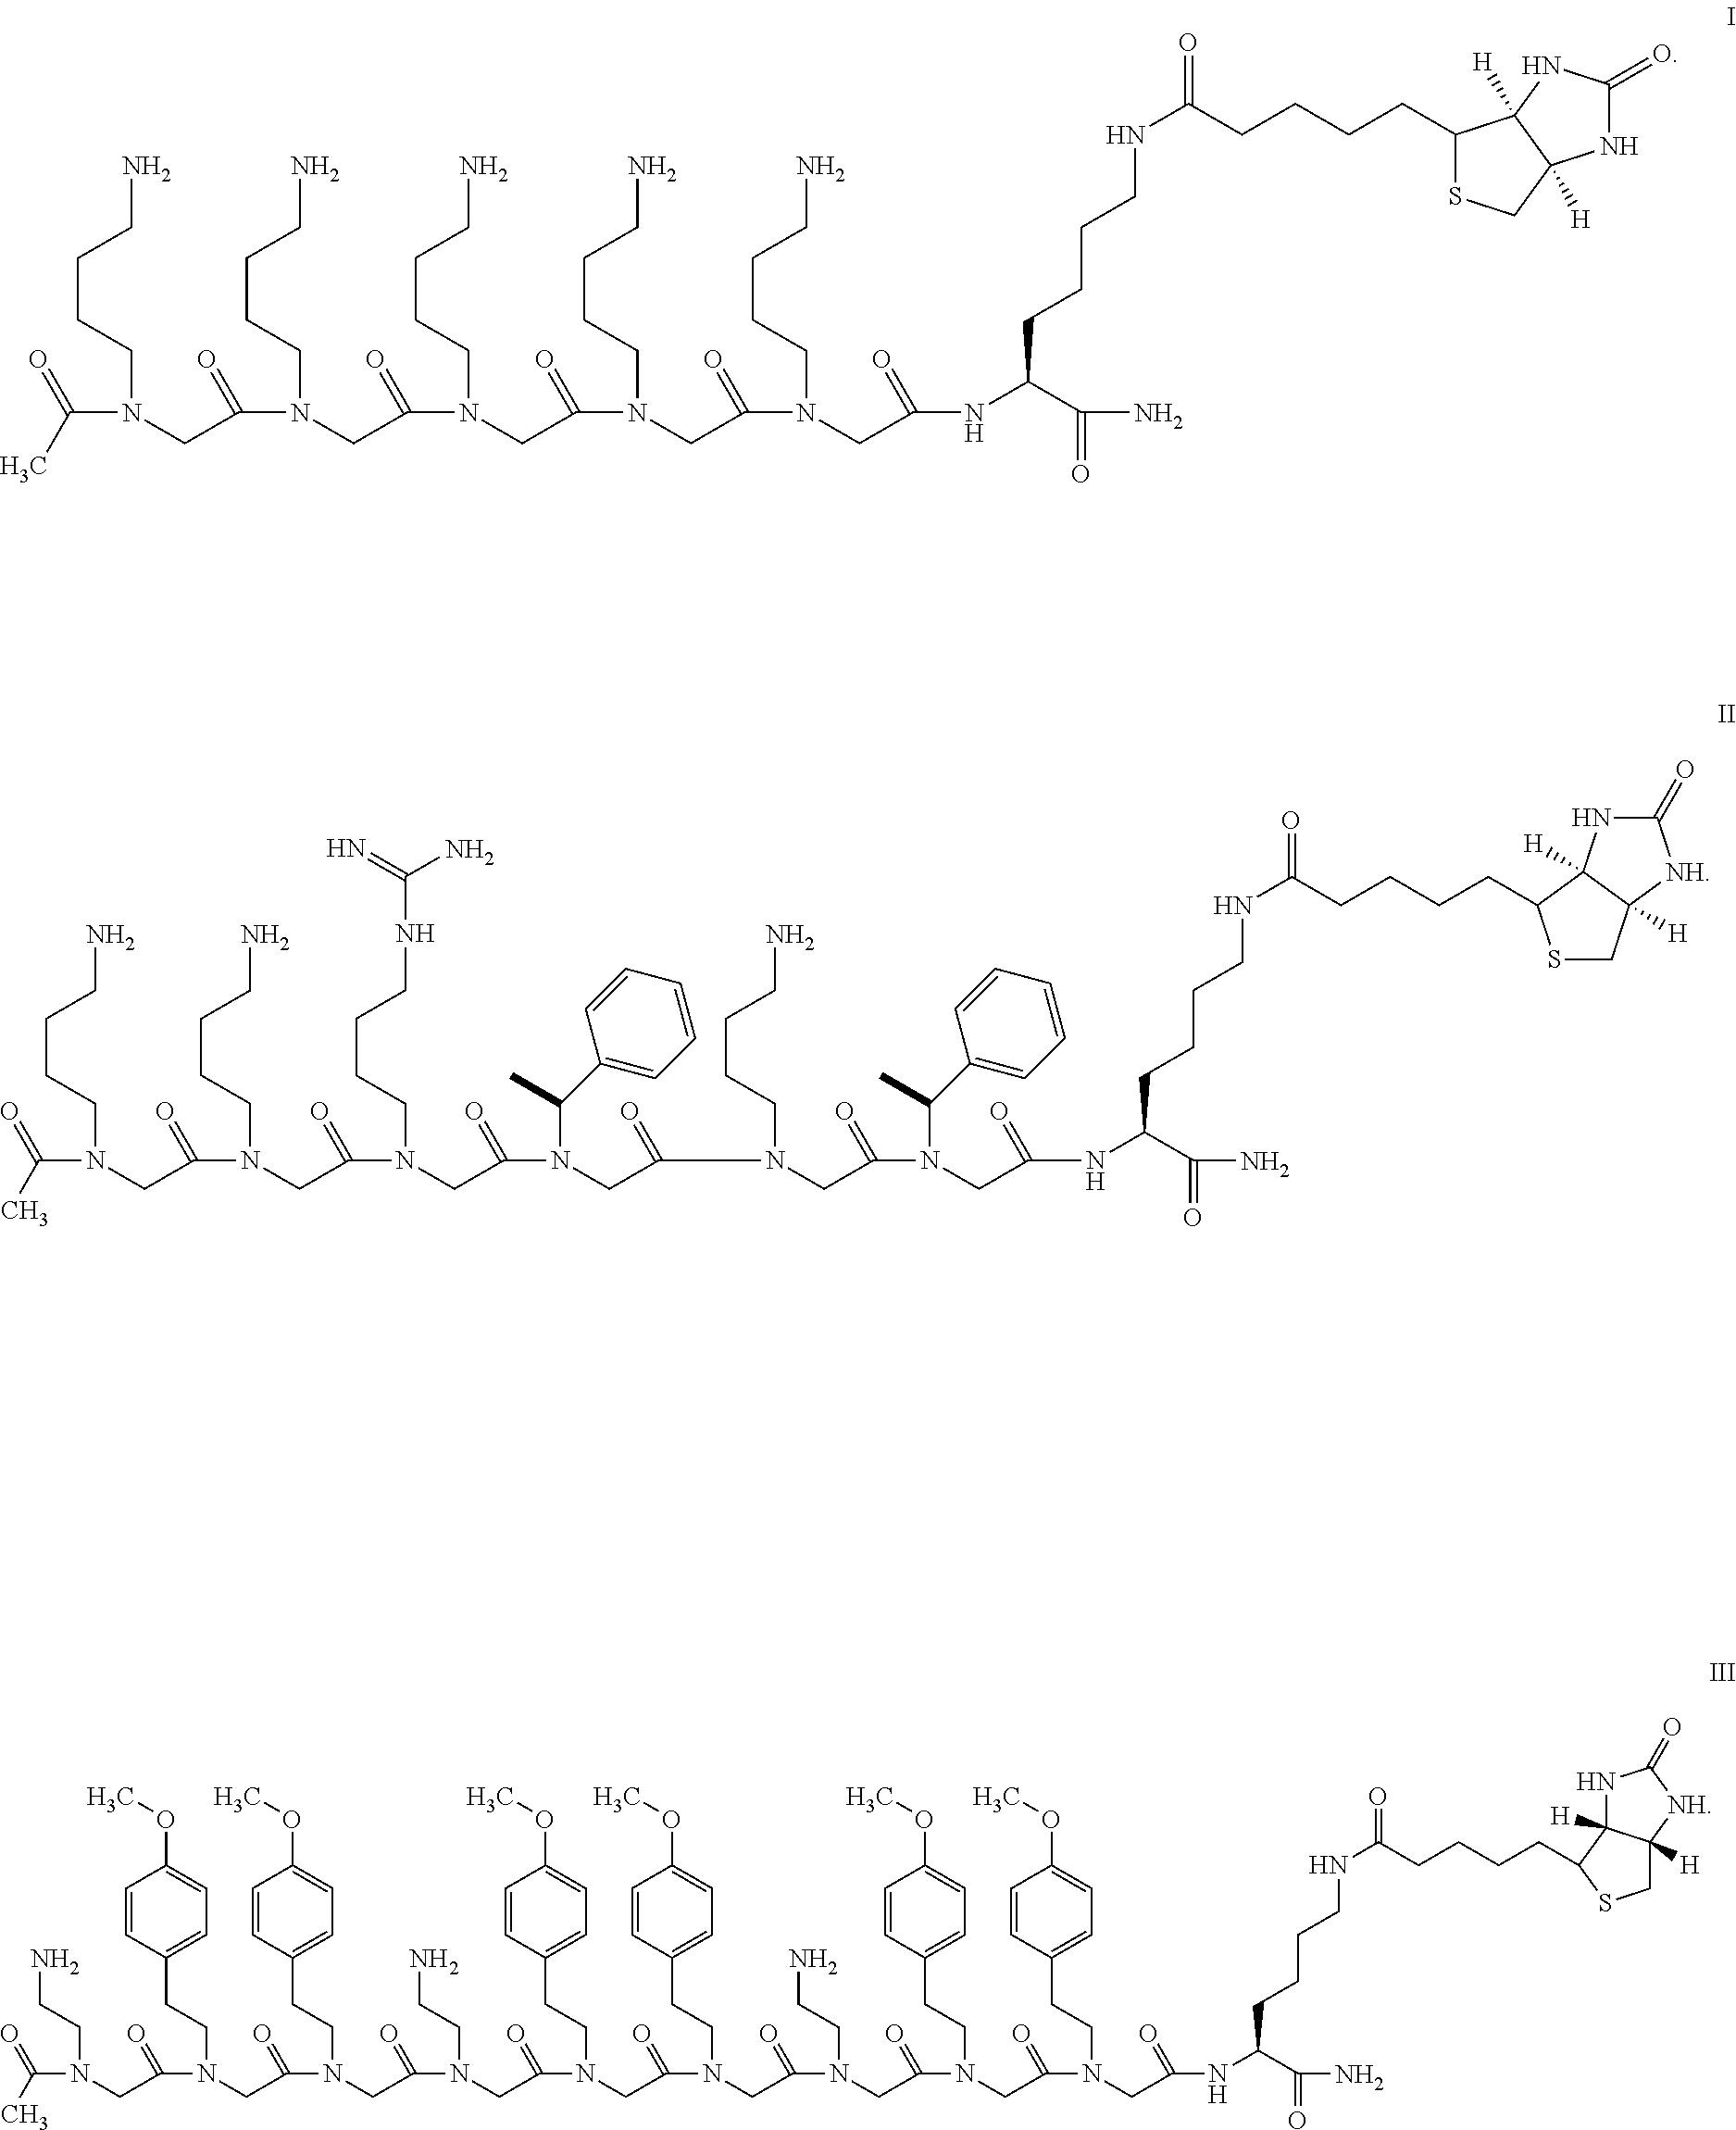 Figure US20110189692A1-20110804-C00068